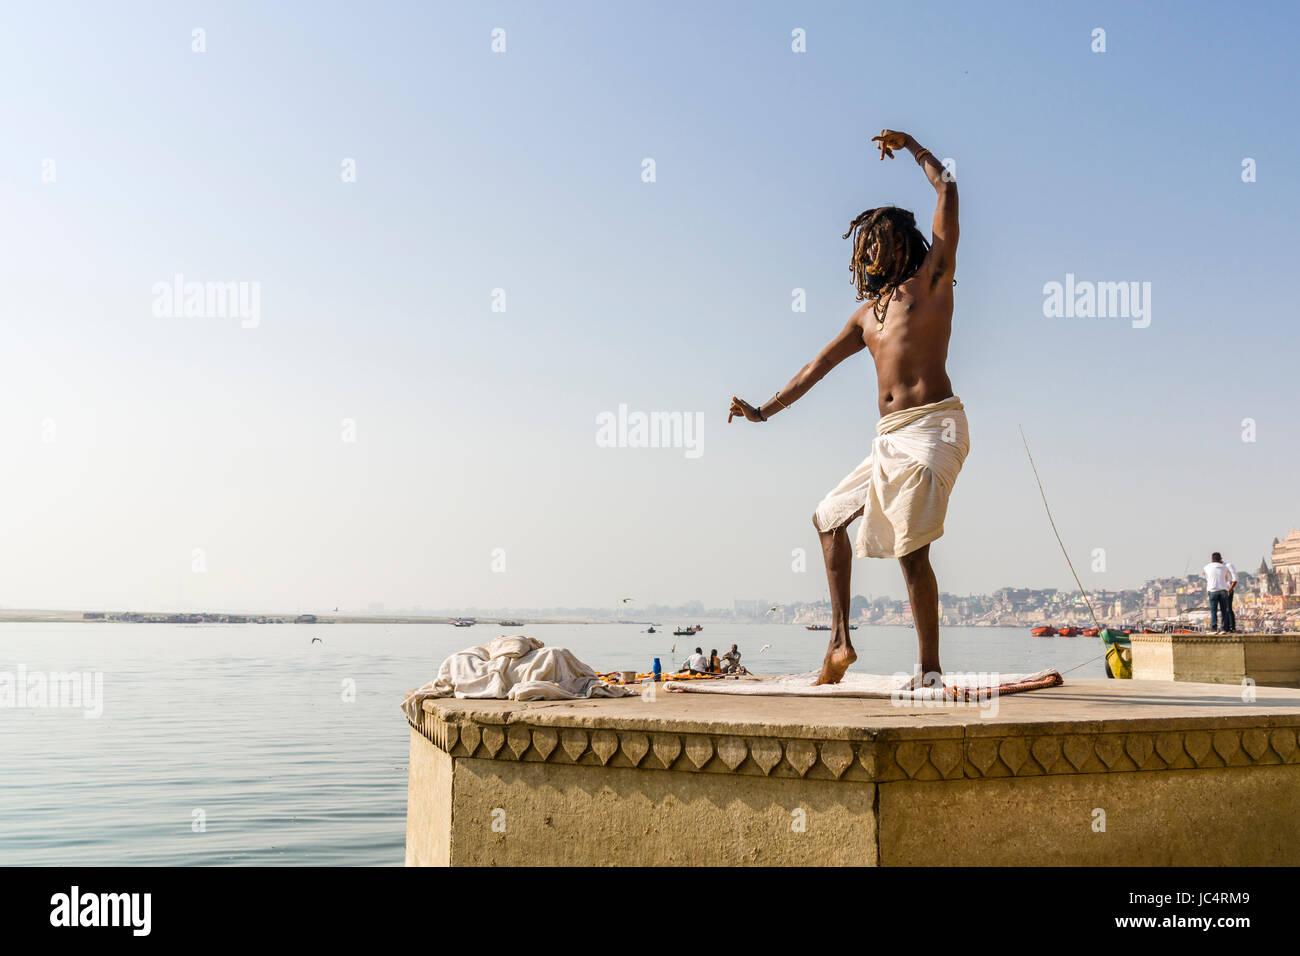 Un sadhu, uomo santo, sta ballando su una piattaforma presso il fiume sacro Gange a meer ghat nel sobborgo godowlia Immagini Stock